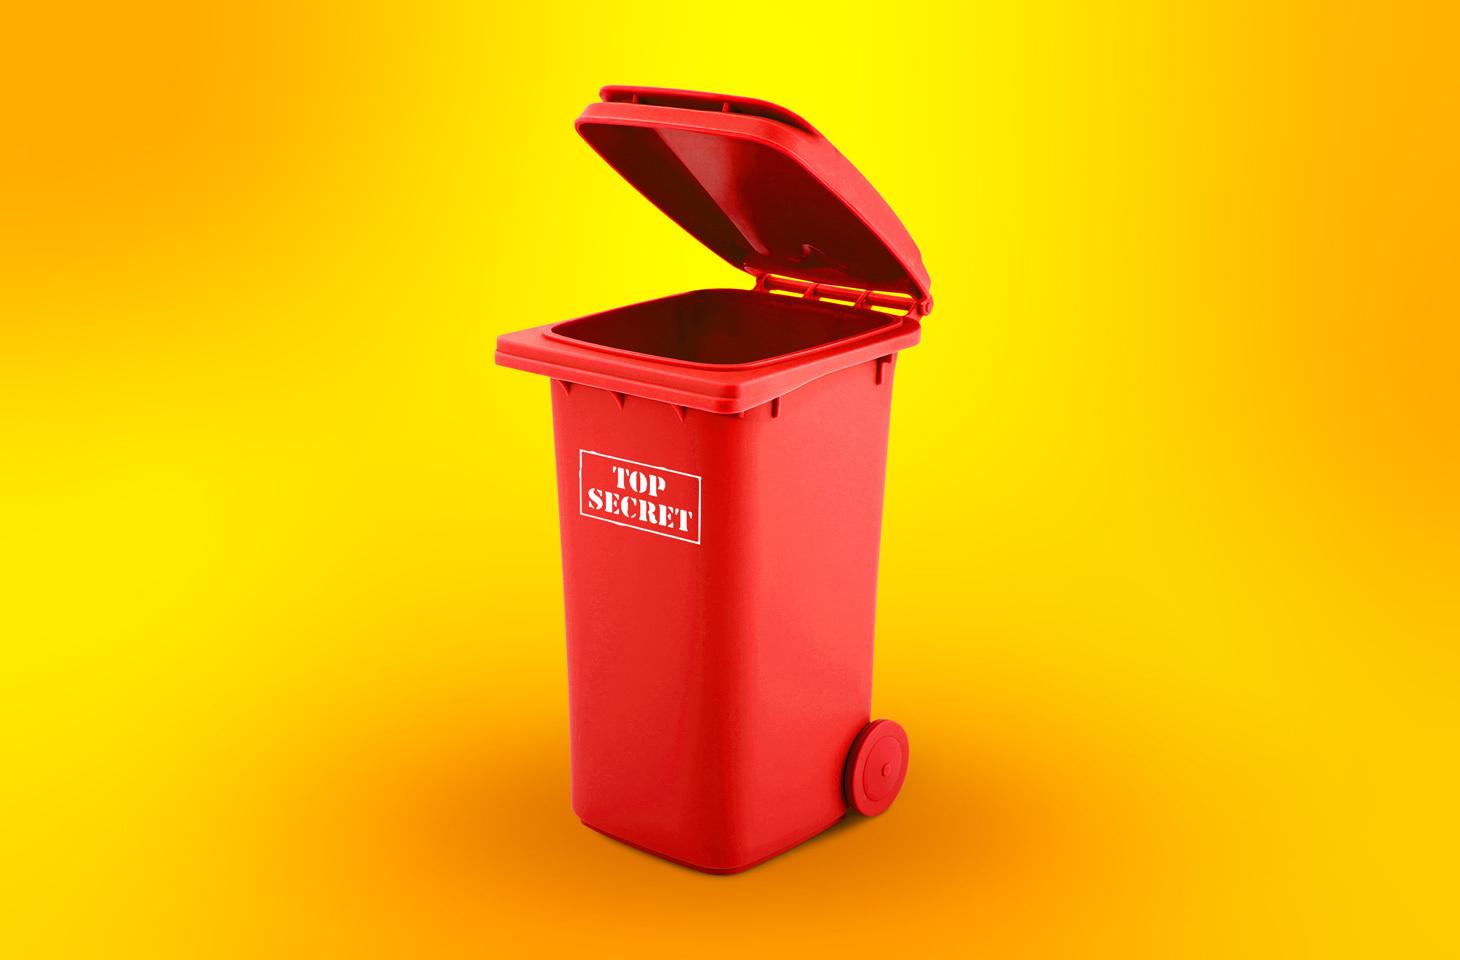 Как правильно выкидывать мусор | Блог Касперского